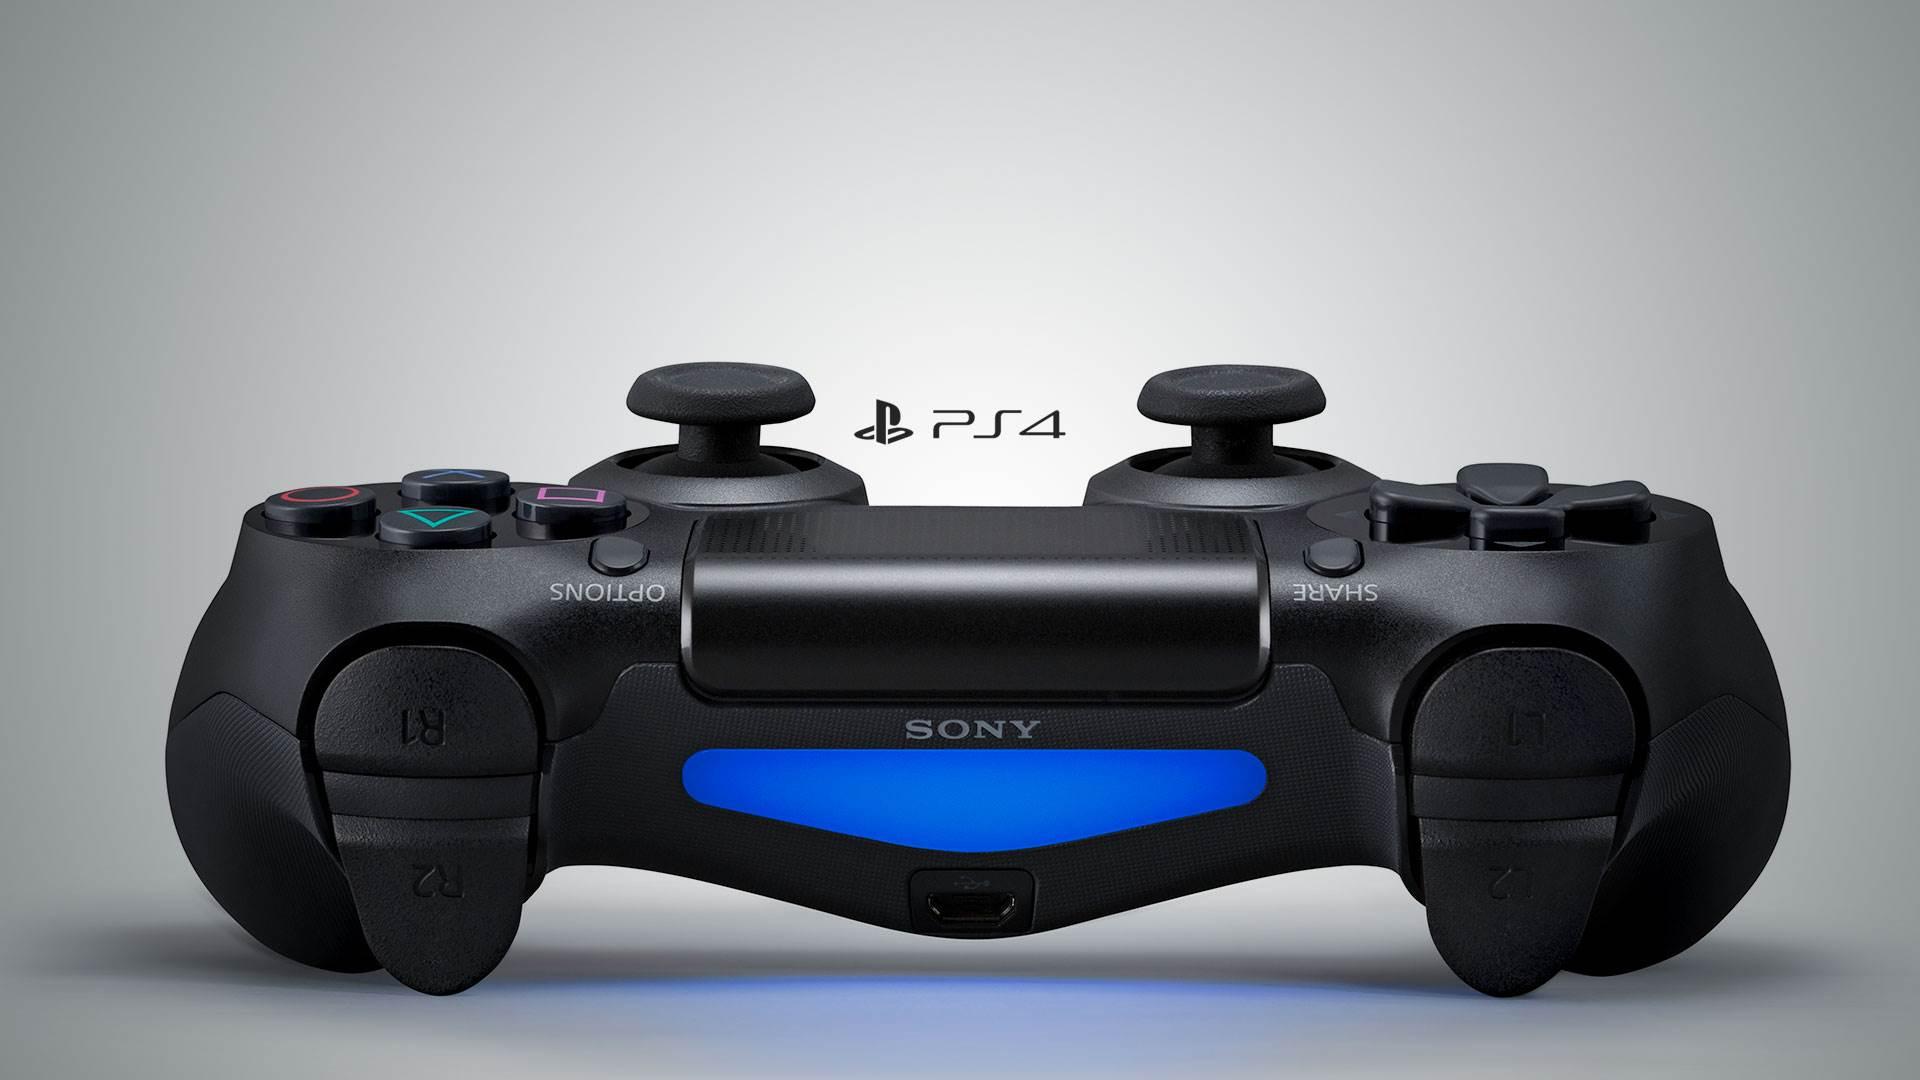 Сони продала неменее 60 млн игровых консолей PS 4